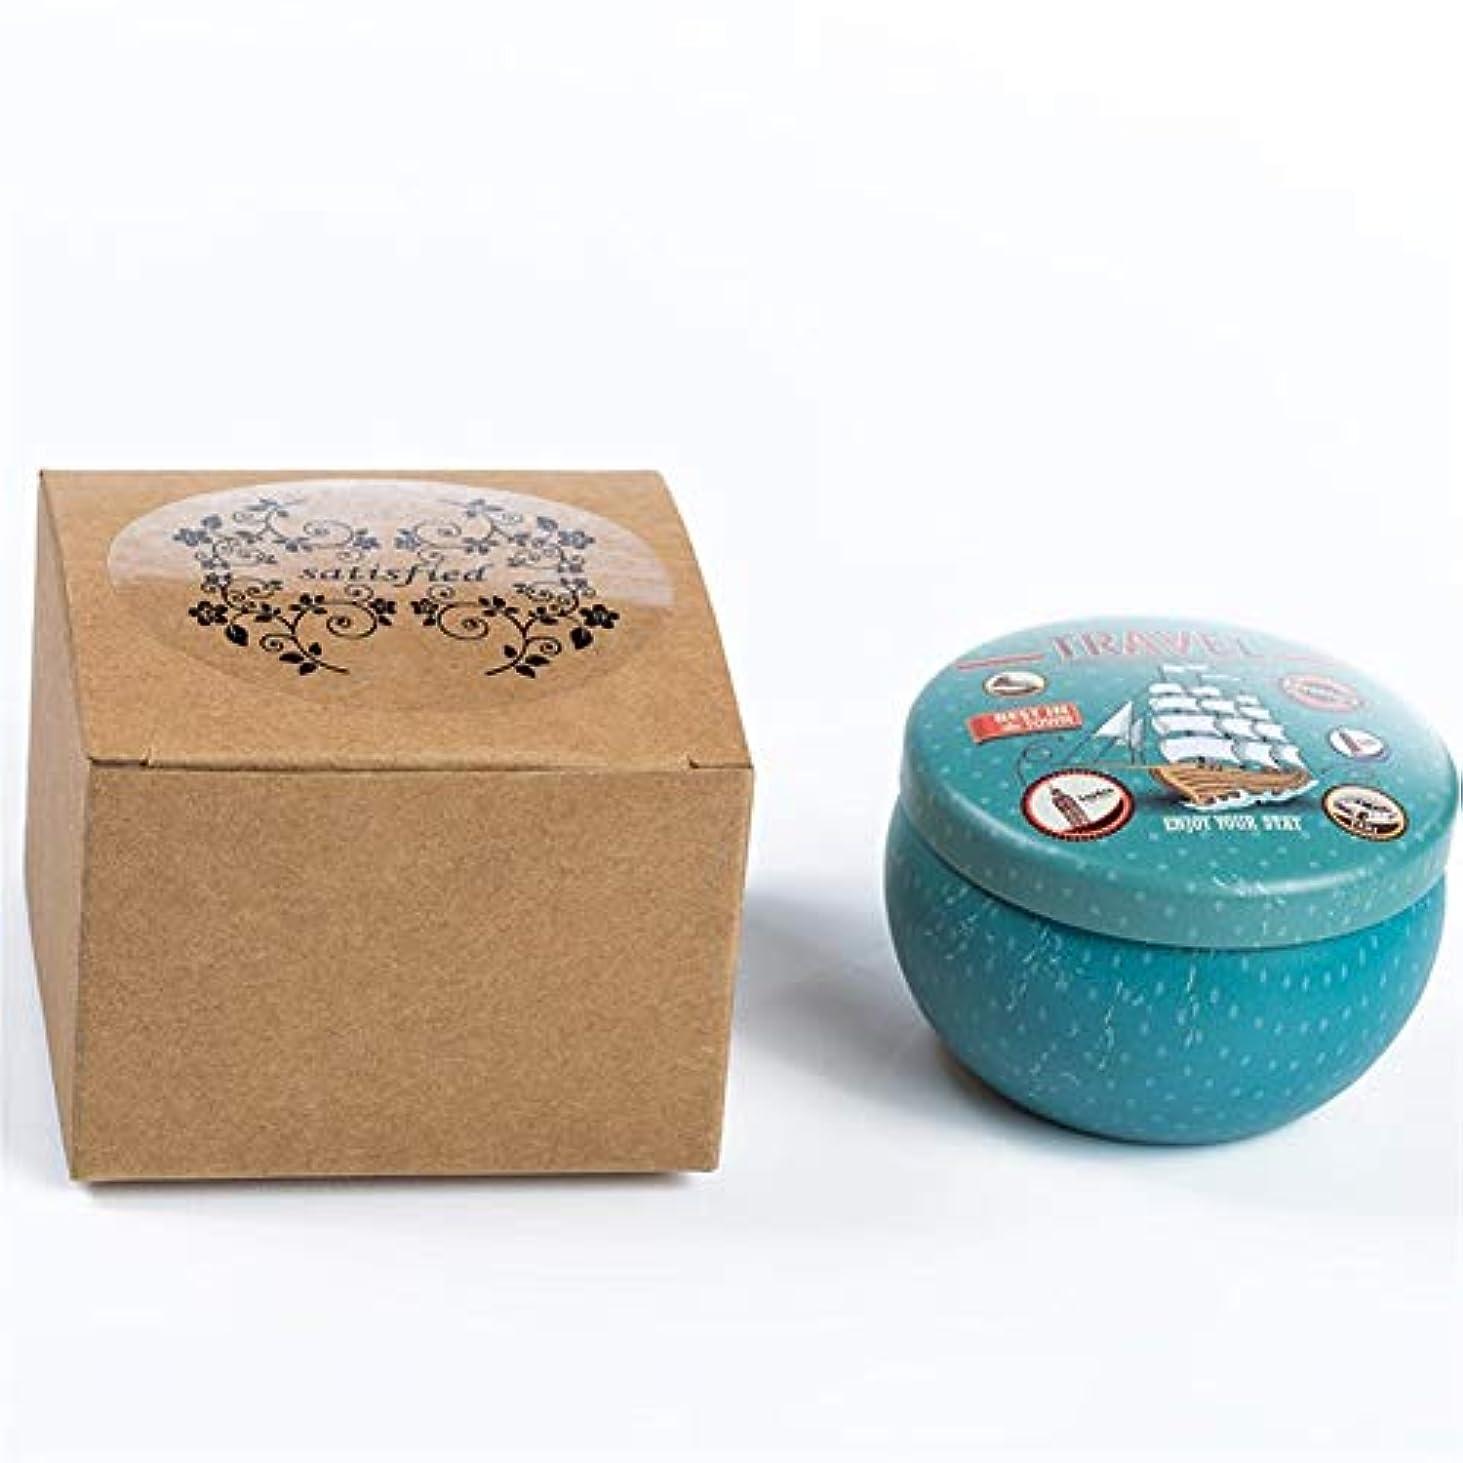 夏通常ラベンダーGuomao 漫画のブリキの箱の香料入りの蝋燭の家のなだめるような睡眠、新しく、快適な臭いがする蝋燭 (色 : Lavender)